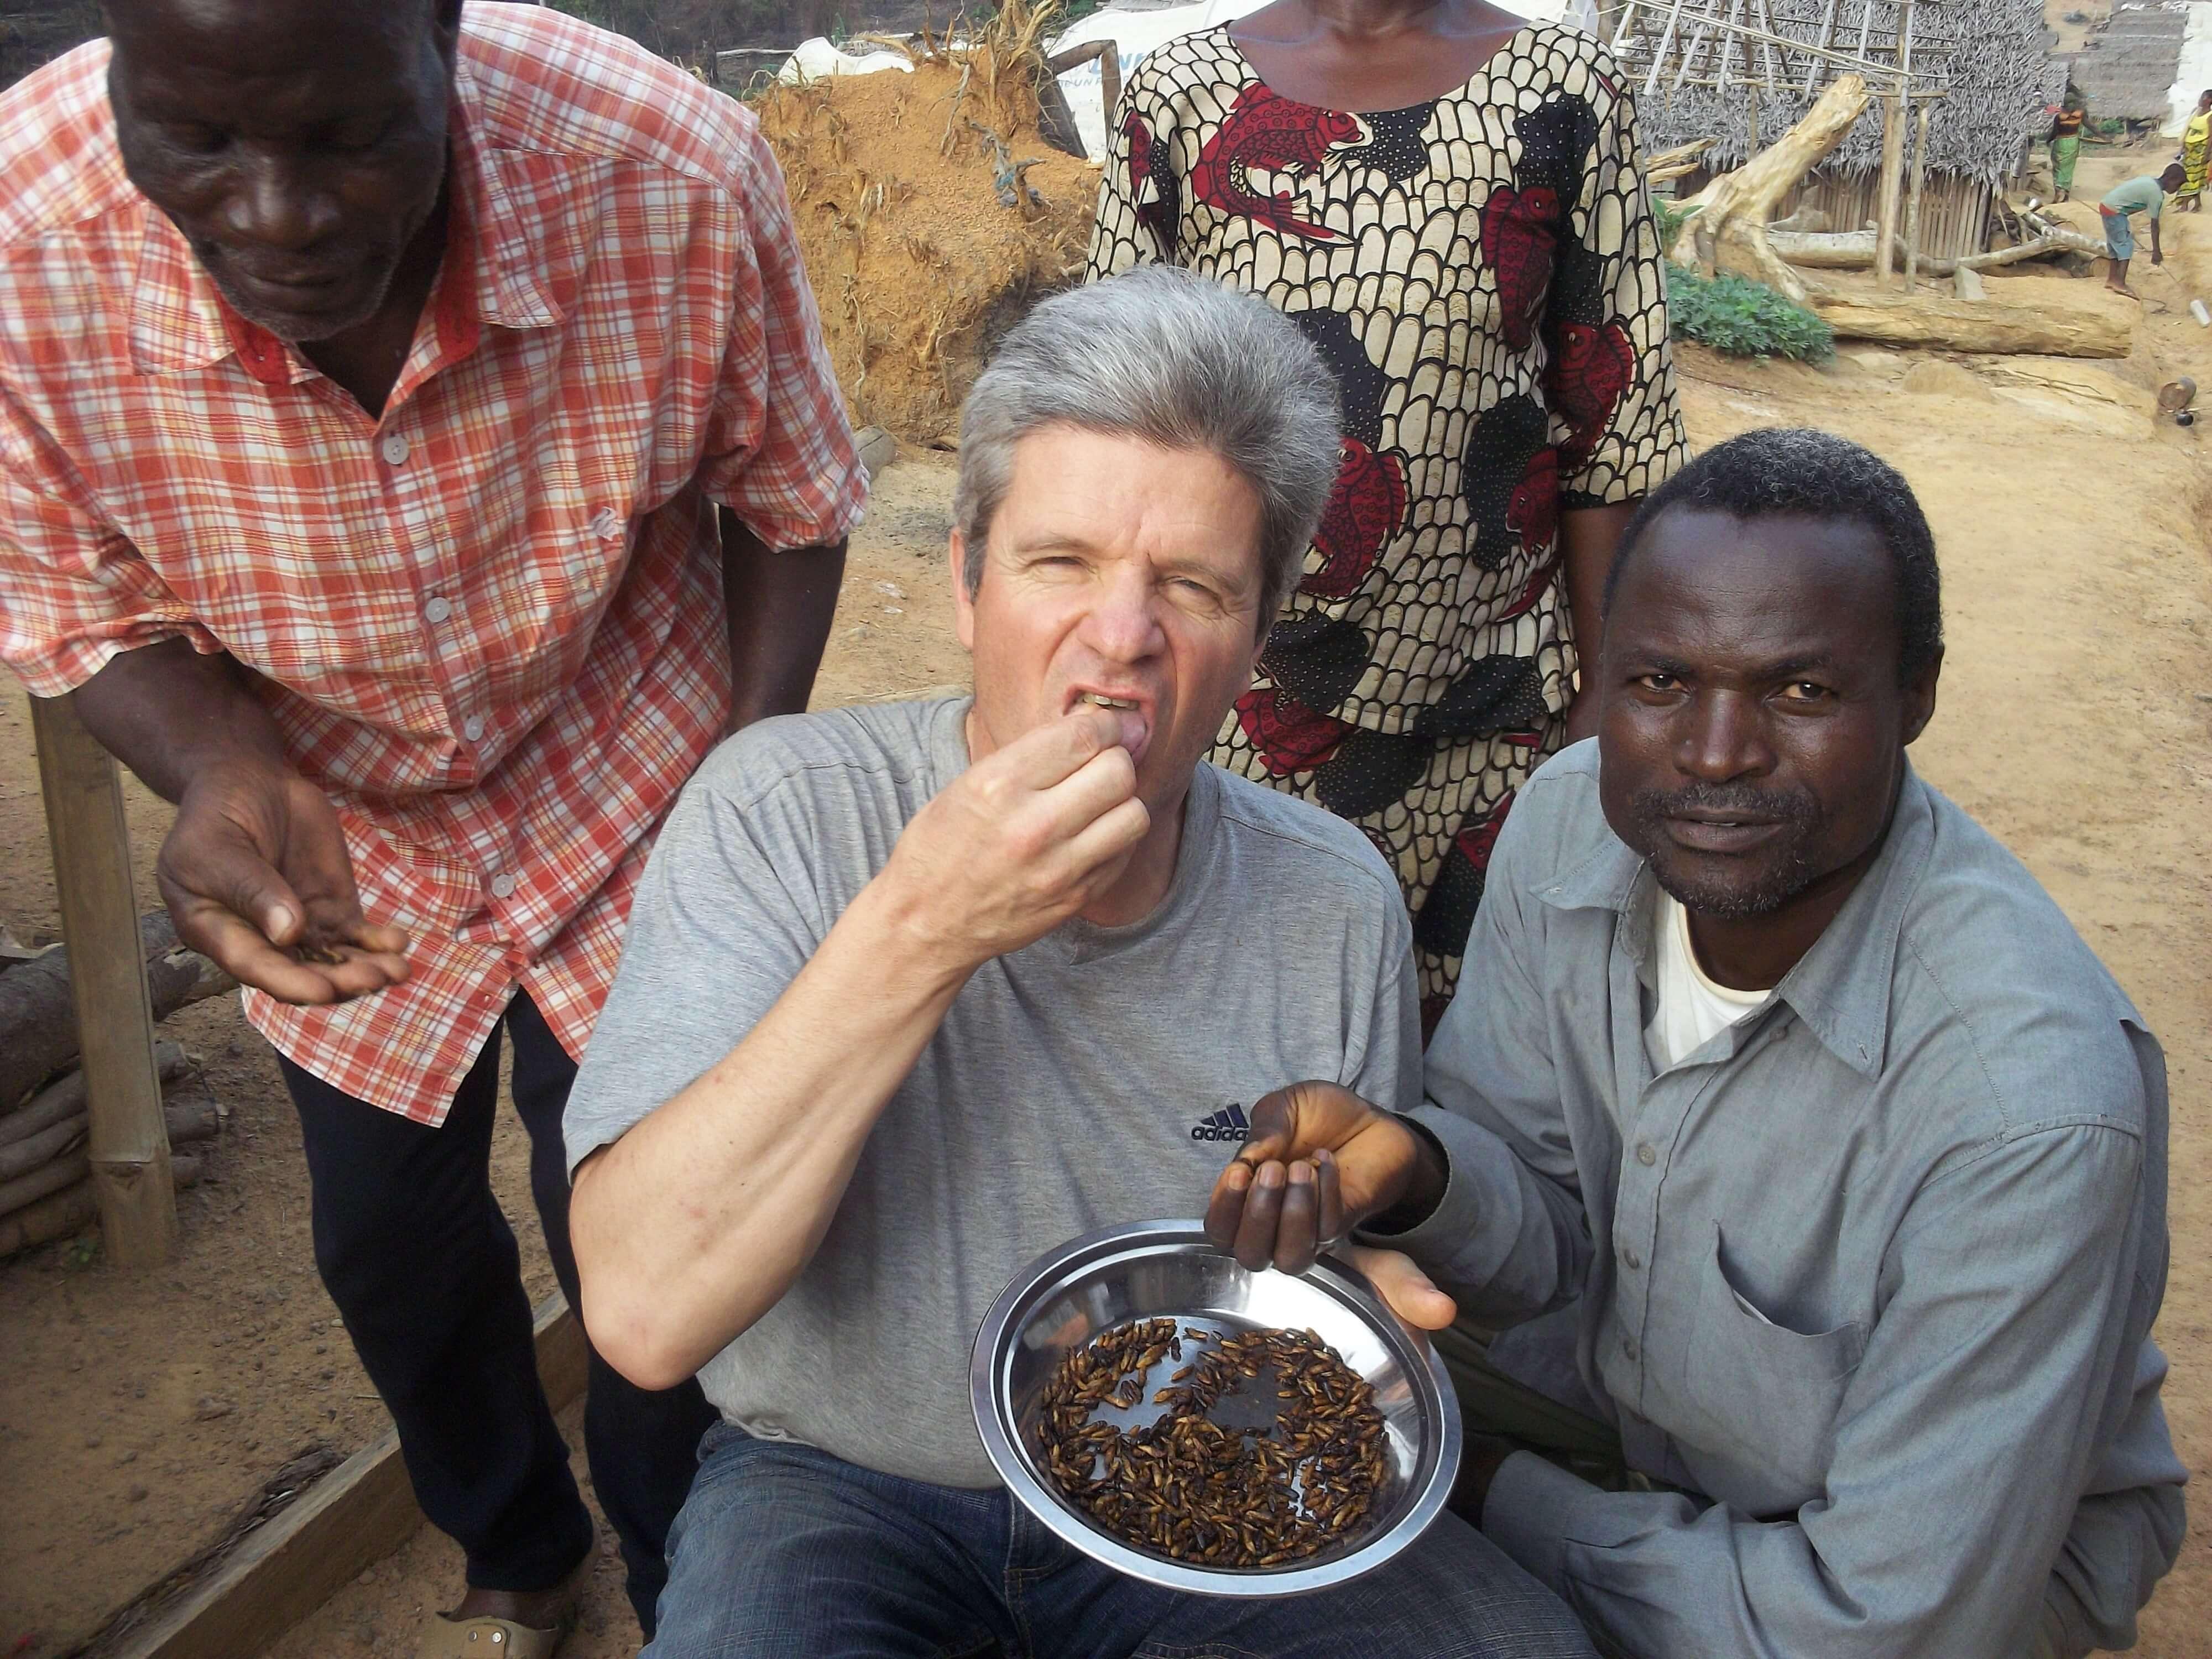 Accueilli par une dégustation de termites grillées : plutôt crunchy !